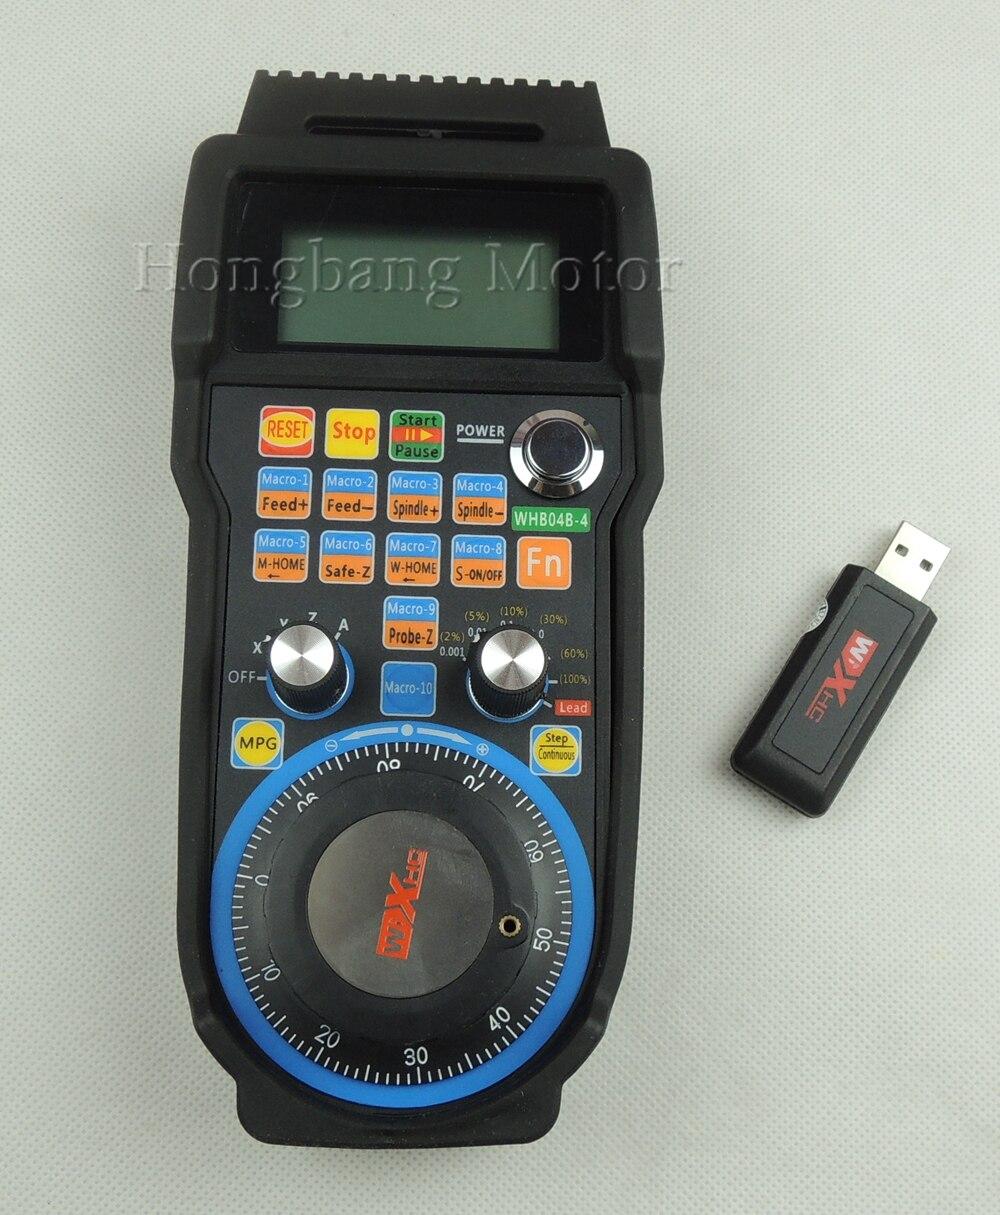 Di controllo remoto della macchina per incidere volantino mach3 MPG USB wireless volantino per CNC 3 assi 4 assi controller di fresatura macchina